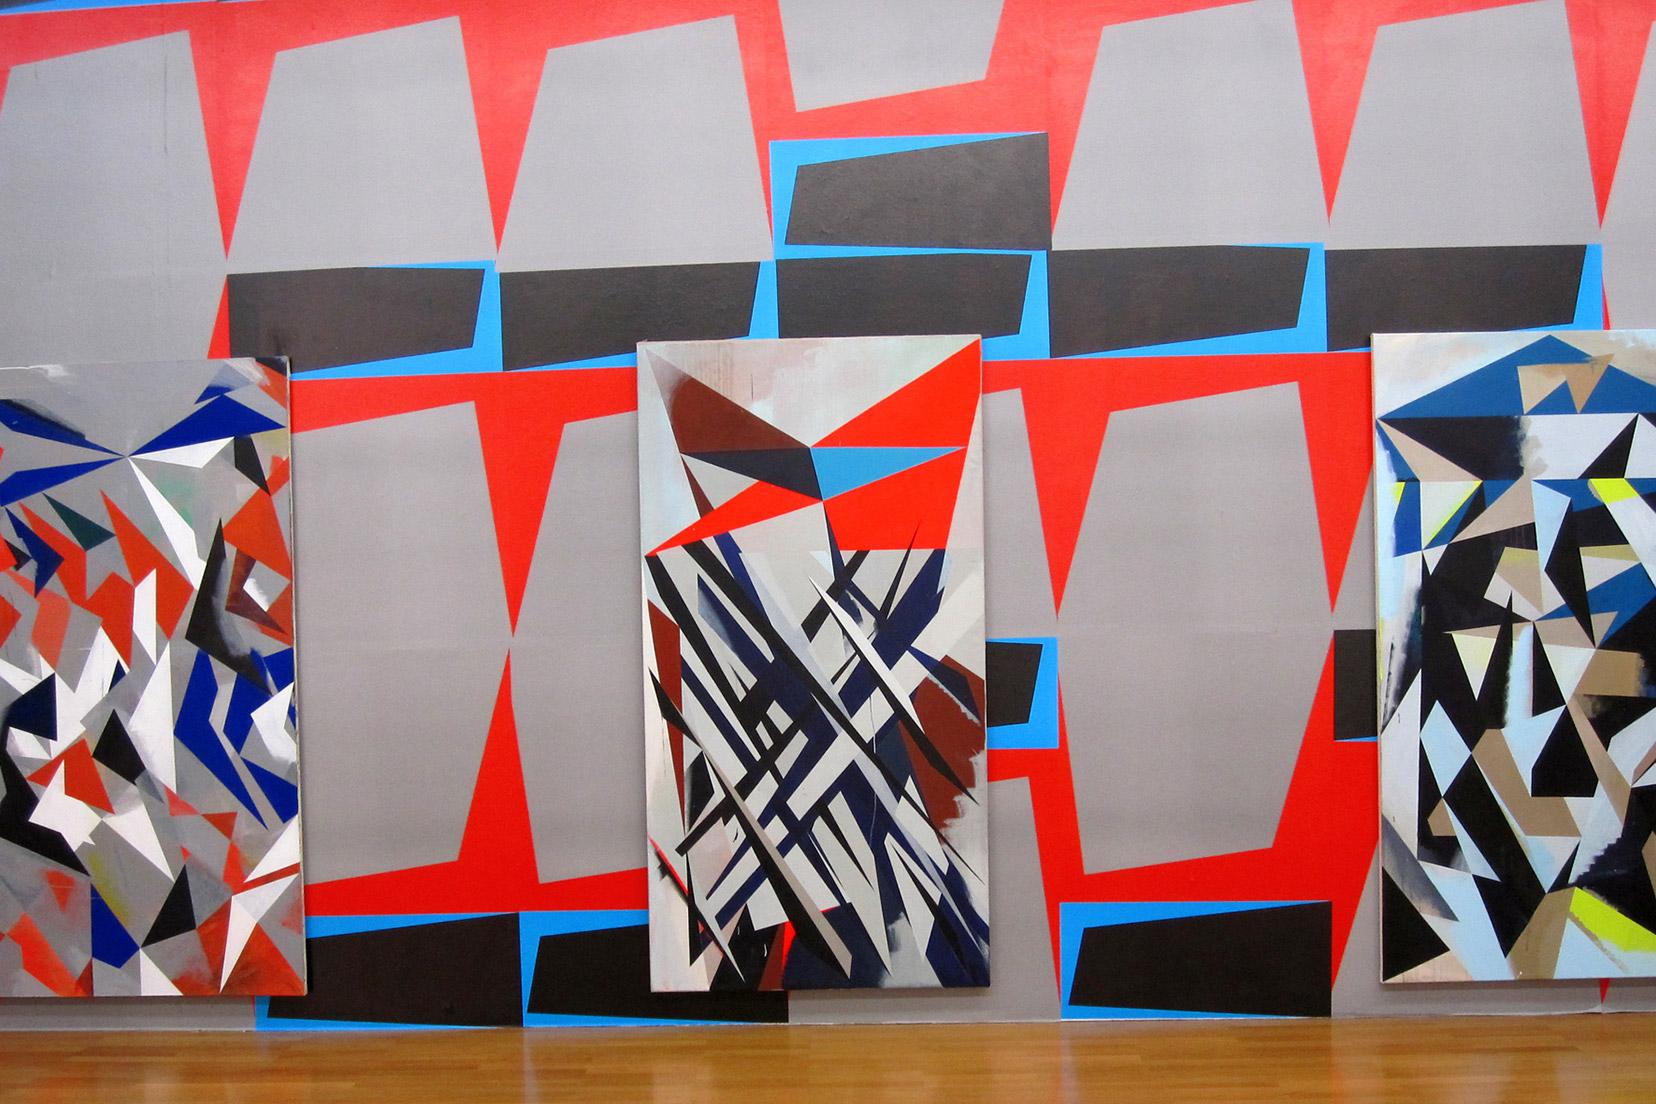 Jaime-Gili-Kunsthalle-Winterthur-2009-5.jpg